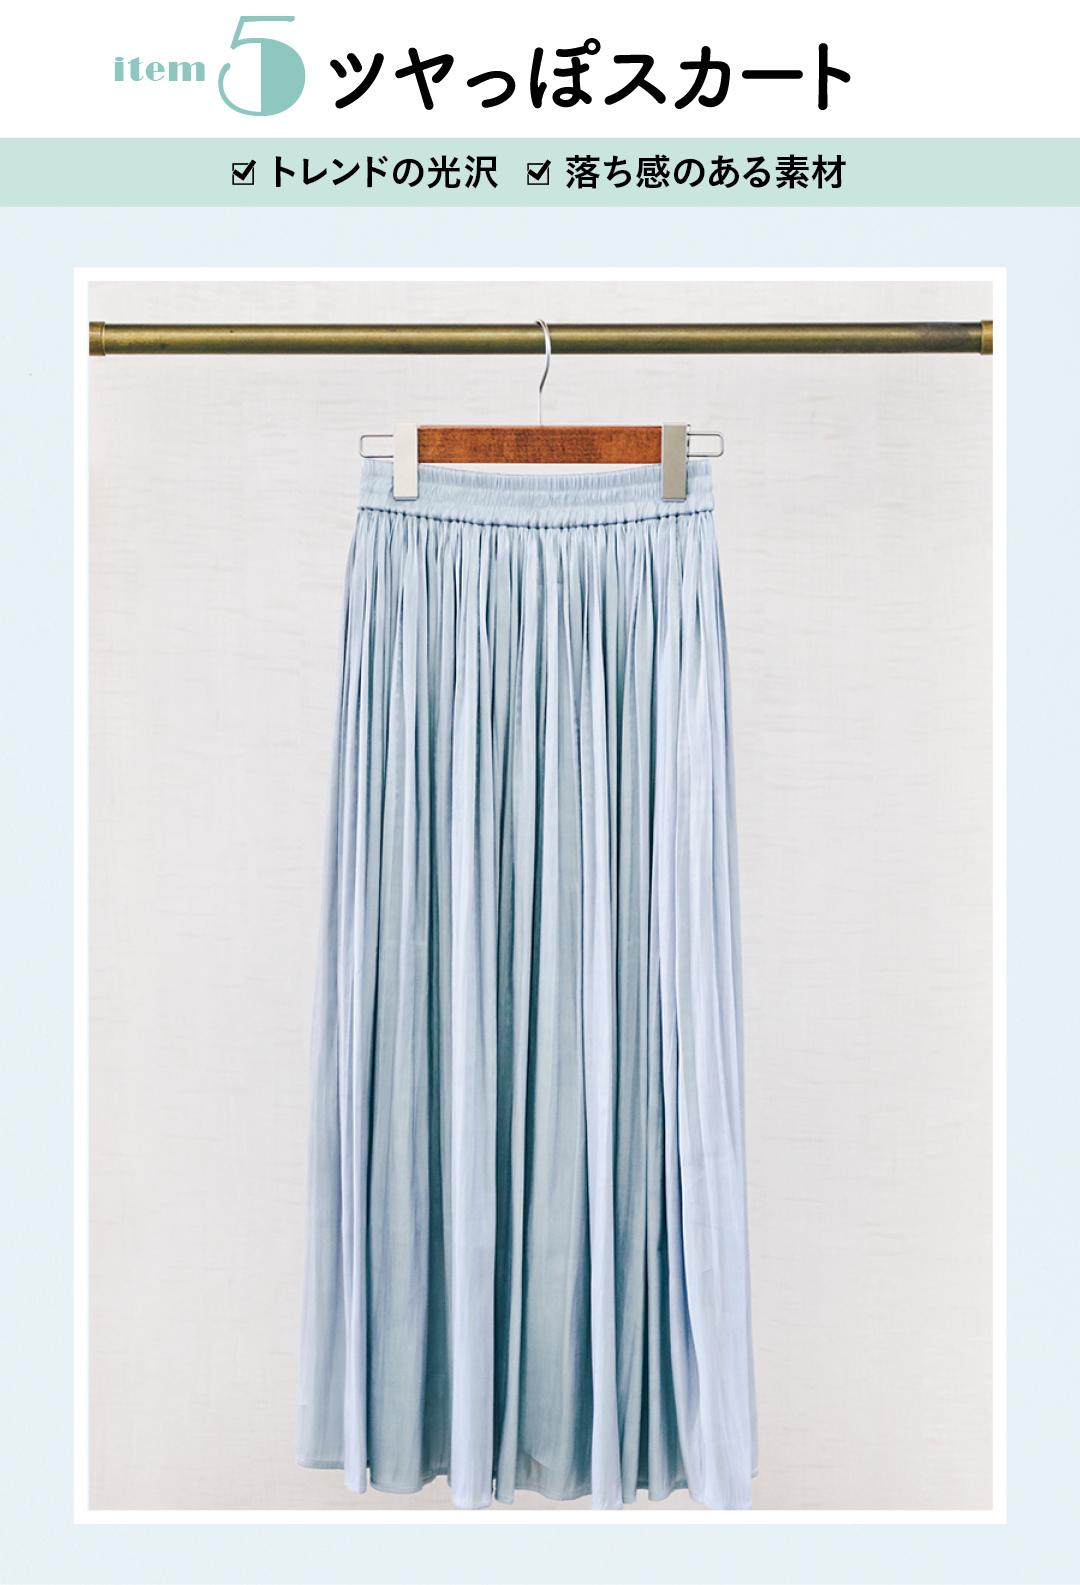 item5 ツヤっぽスカート ☑︎トレンドの光沢 ☑︎落ち感のある素材